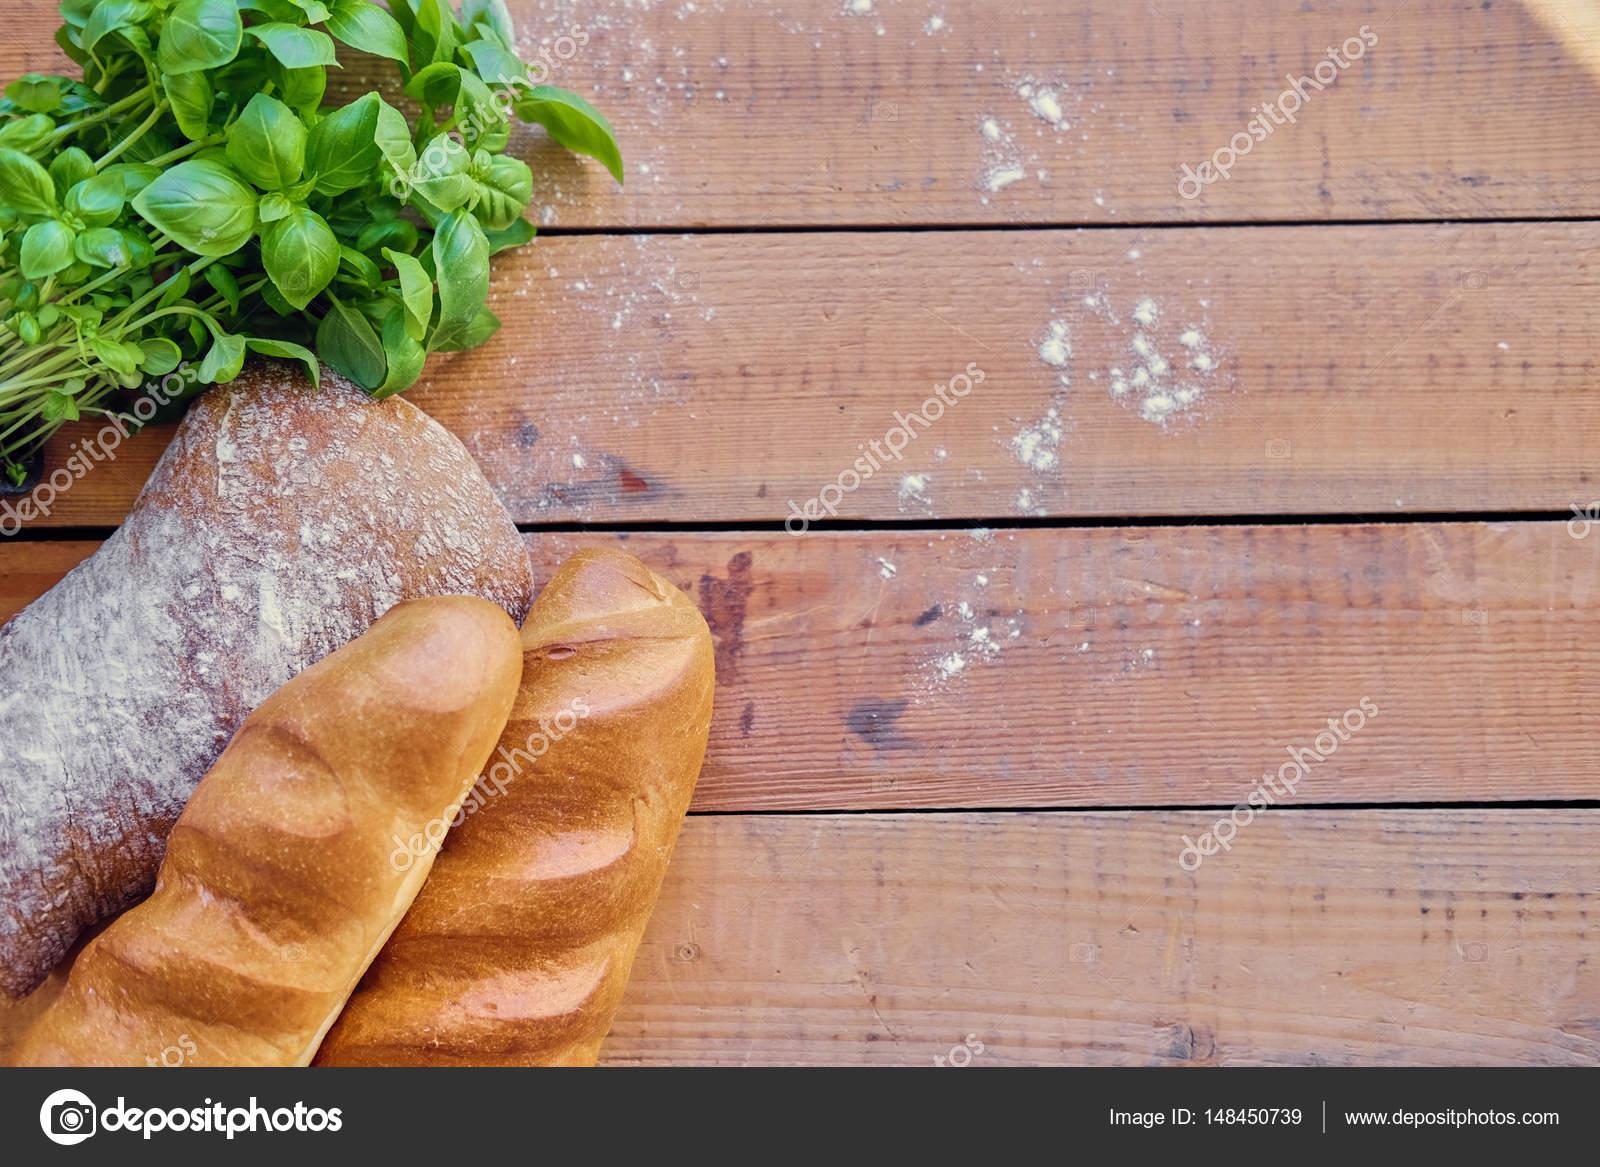 Franzosisches Brot Und Ein Grunes Basilikum Stockfoto C Fxquadro